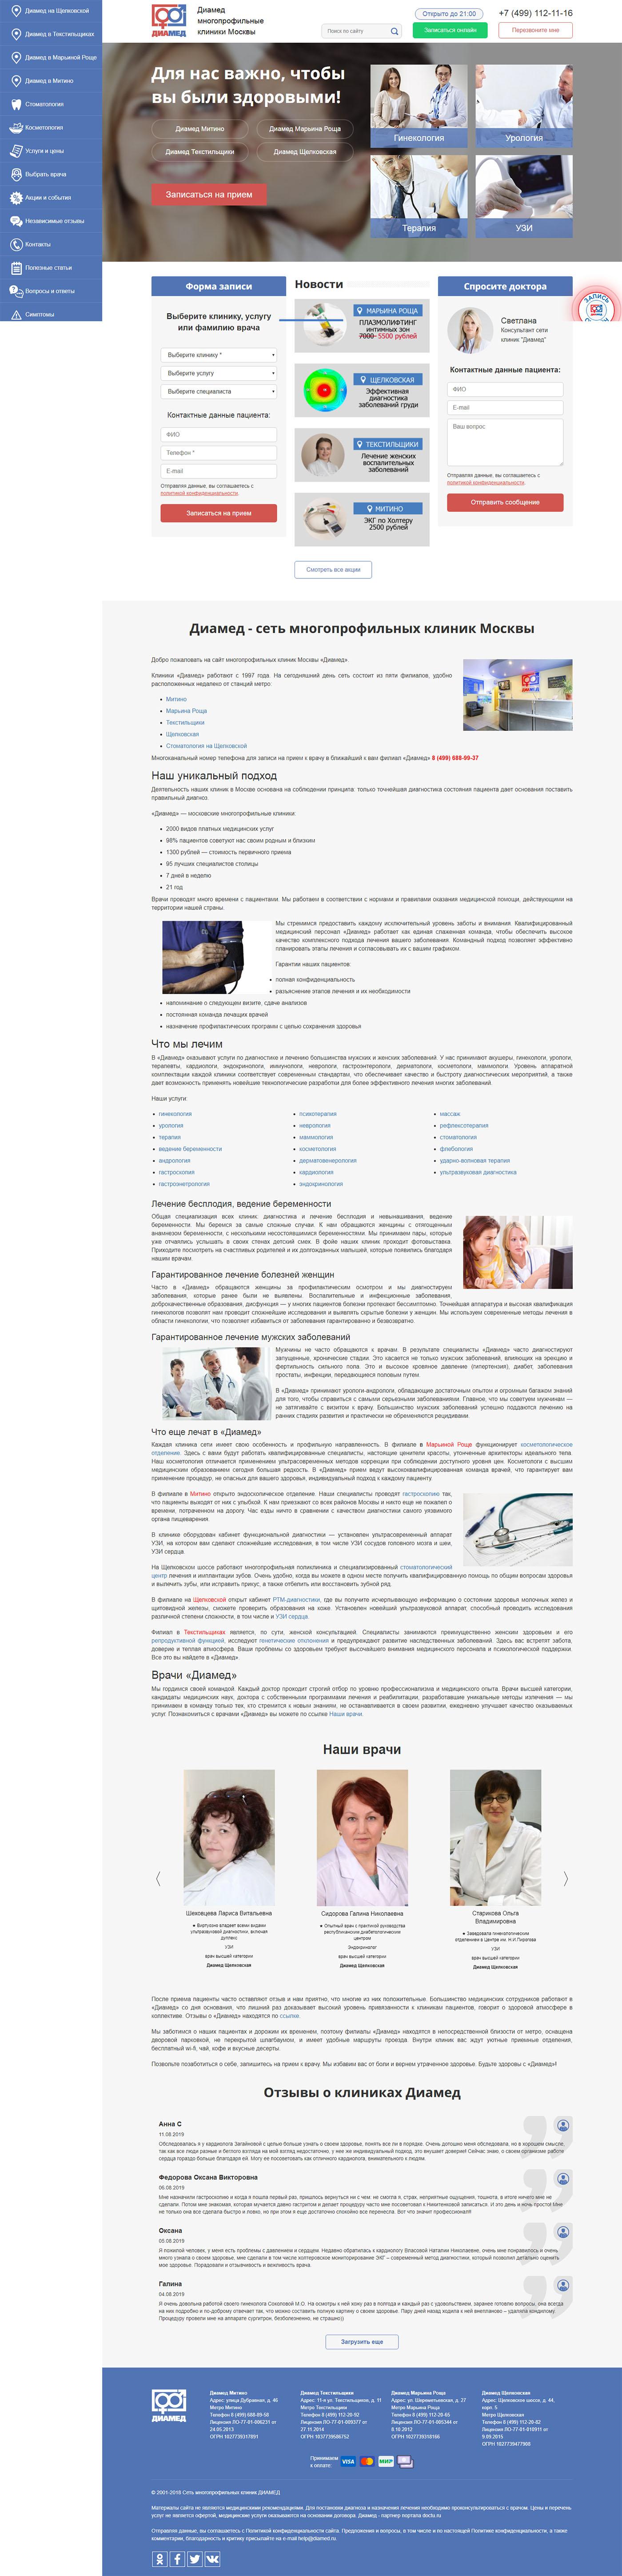 Сайт сети многопрофильных клиник Диамед г. Москва.